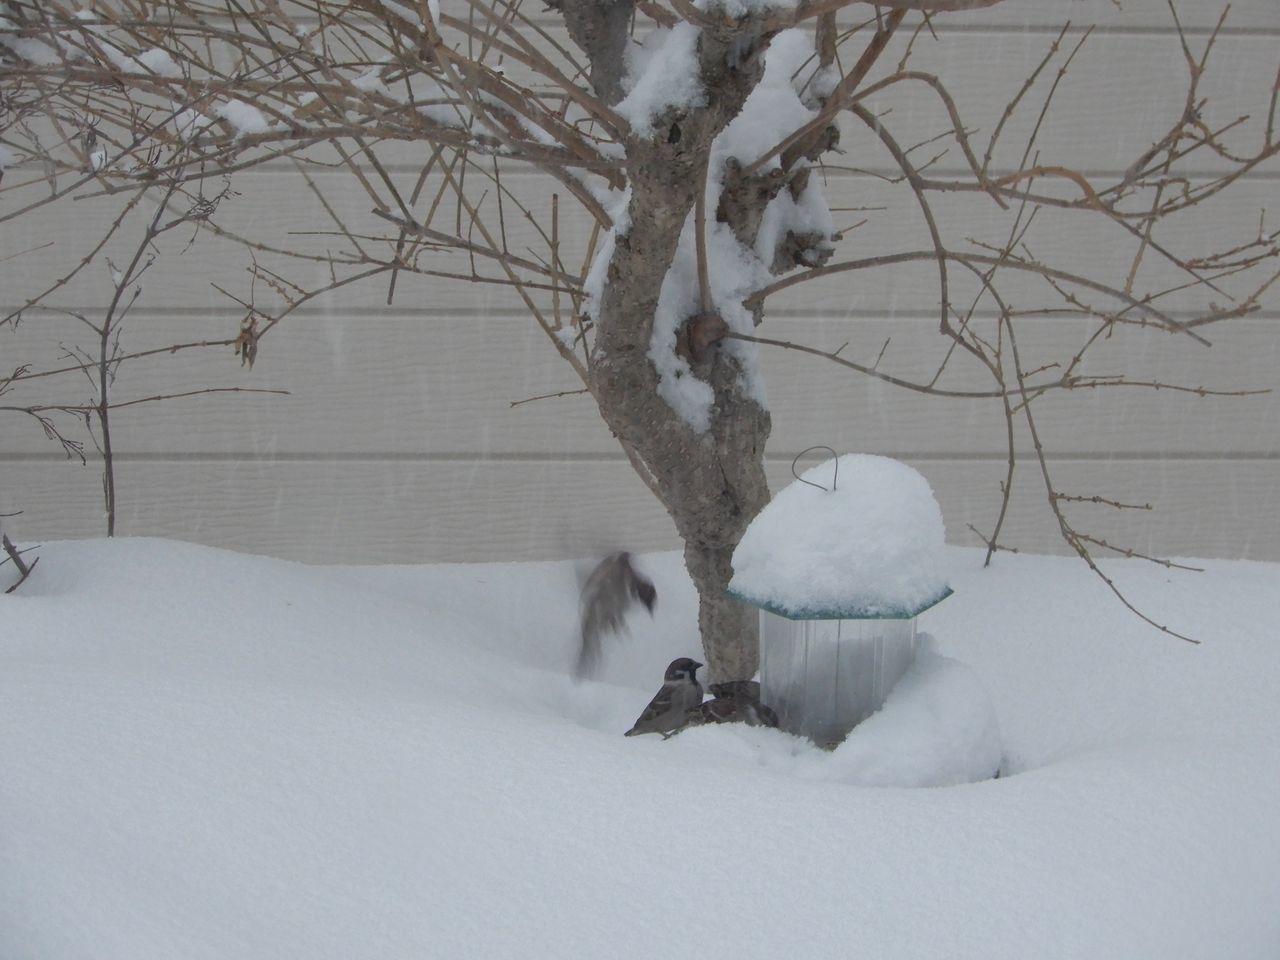 必死で雪を掘って餌を探すスズメ_c0025115_22060942.jpg